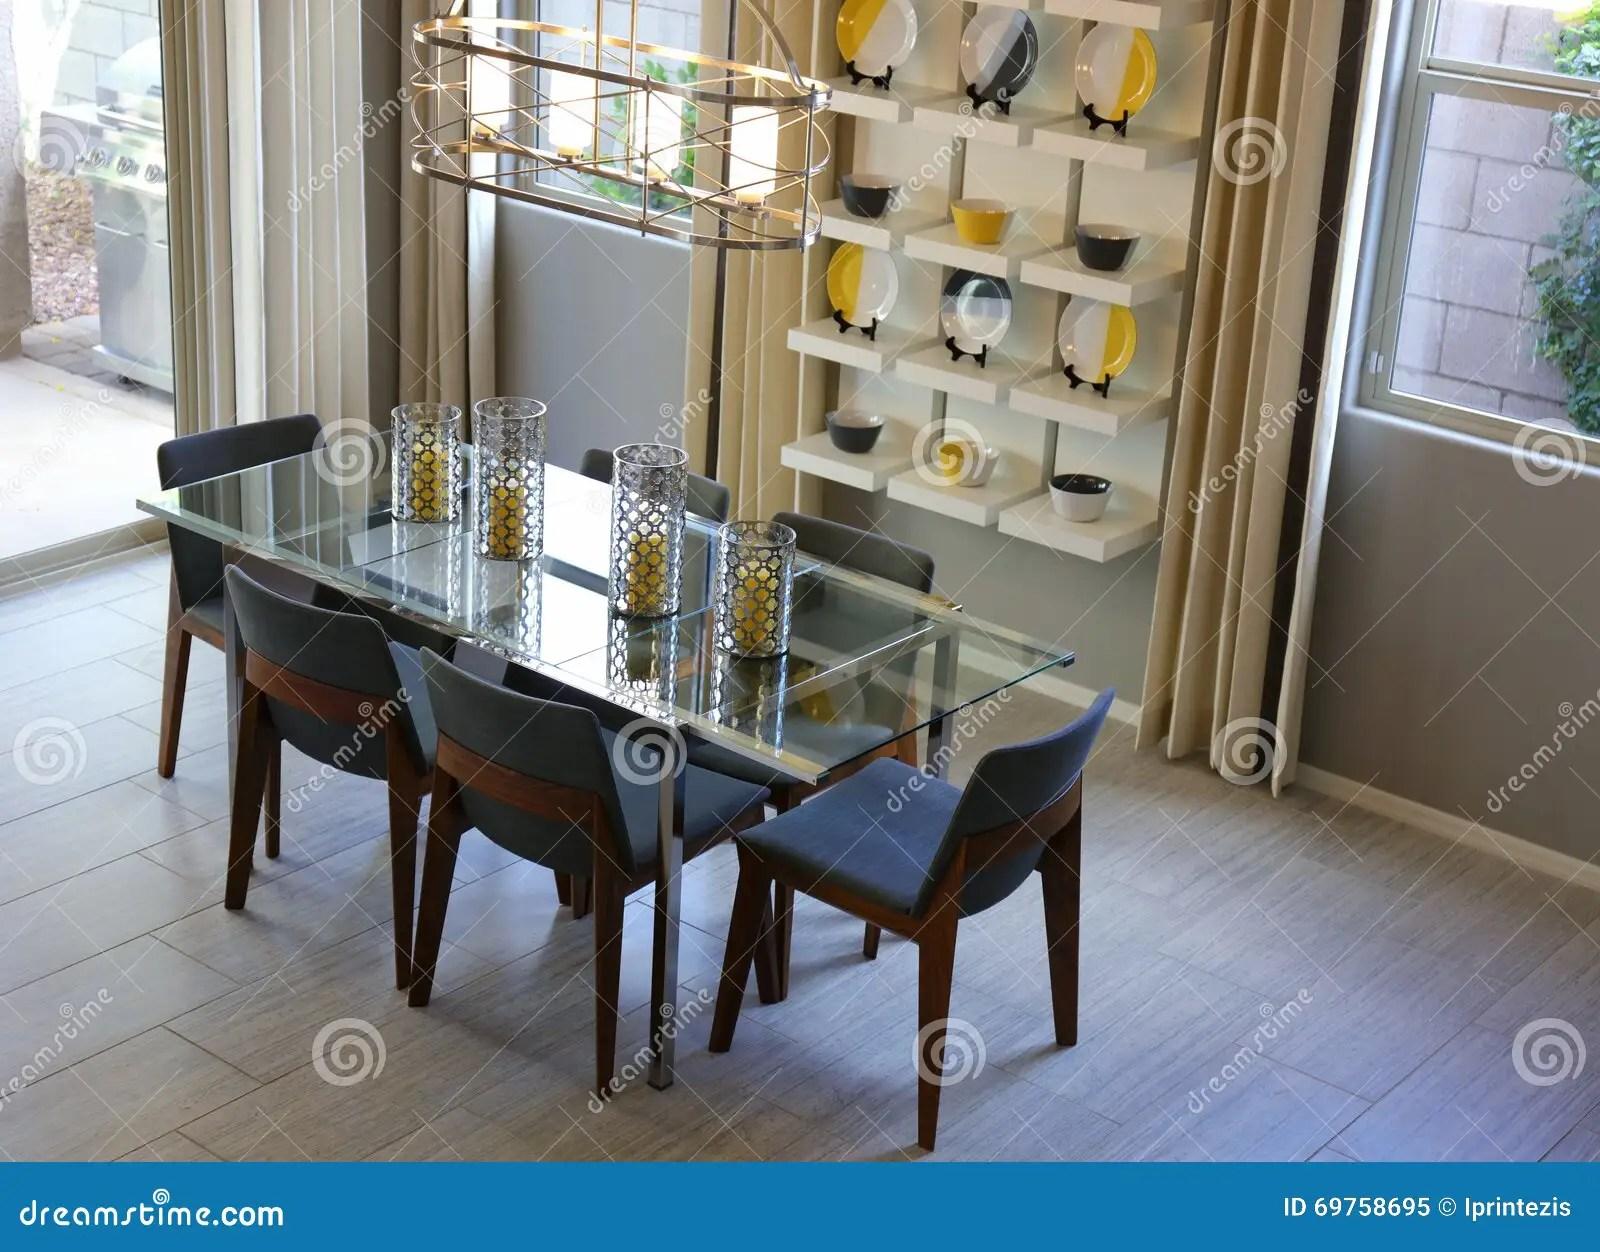 arrangement de tableau de salle a manger image stock image du manger arrangement 69758695